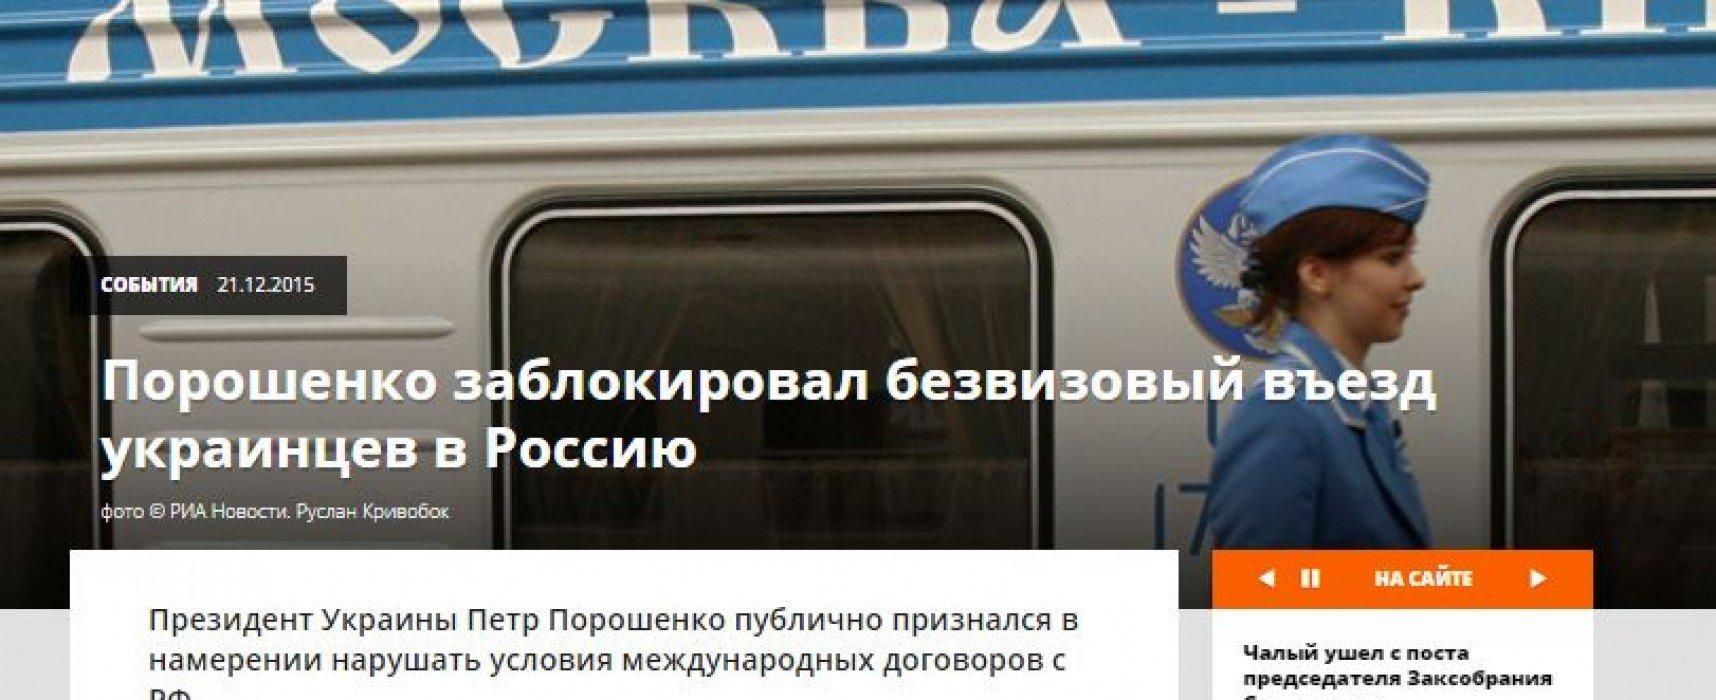 Фейк: Порошенко заблокировал безвизовый въезд украинцев в Россию